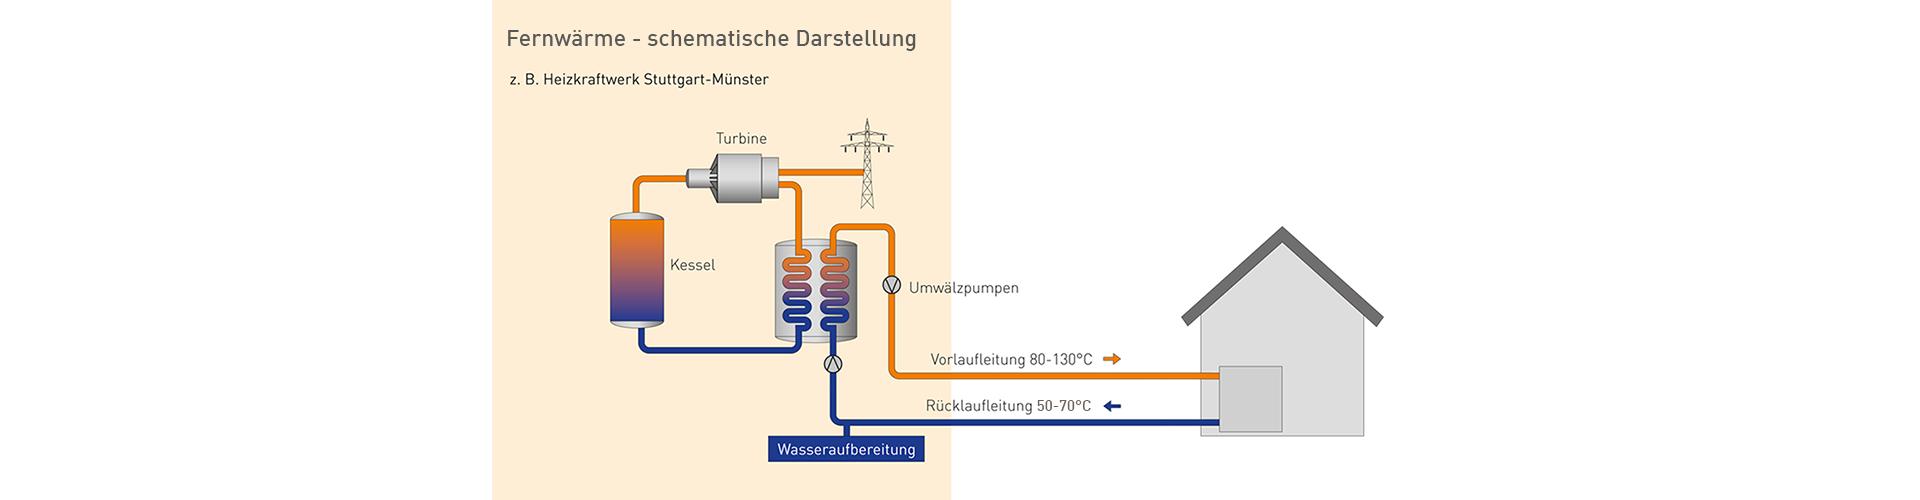 schematische darstellung der funktionsweise von fernwarme